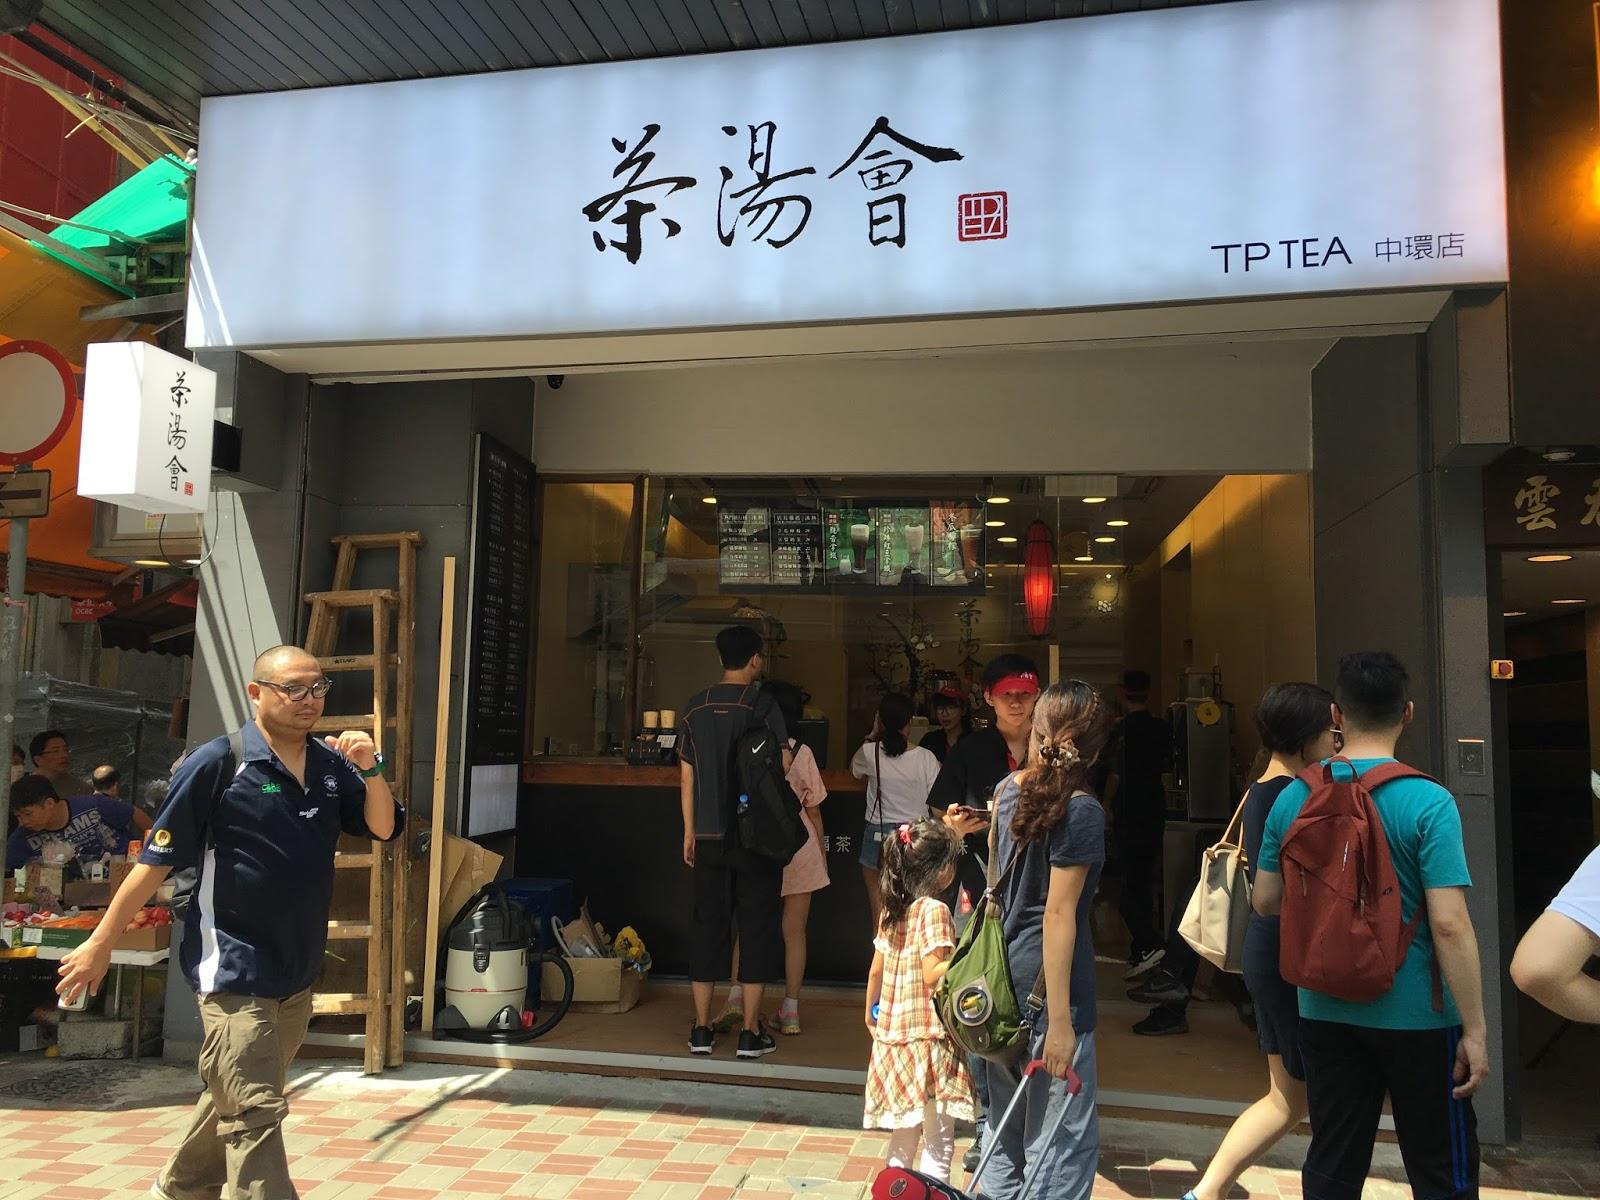 香港 Hong Kong:飲食篇   茶湯會 Teapatea   貪玩辣車車   星空滋味行 – U Blog 博客